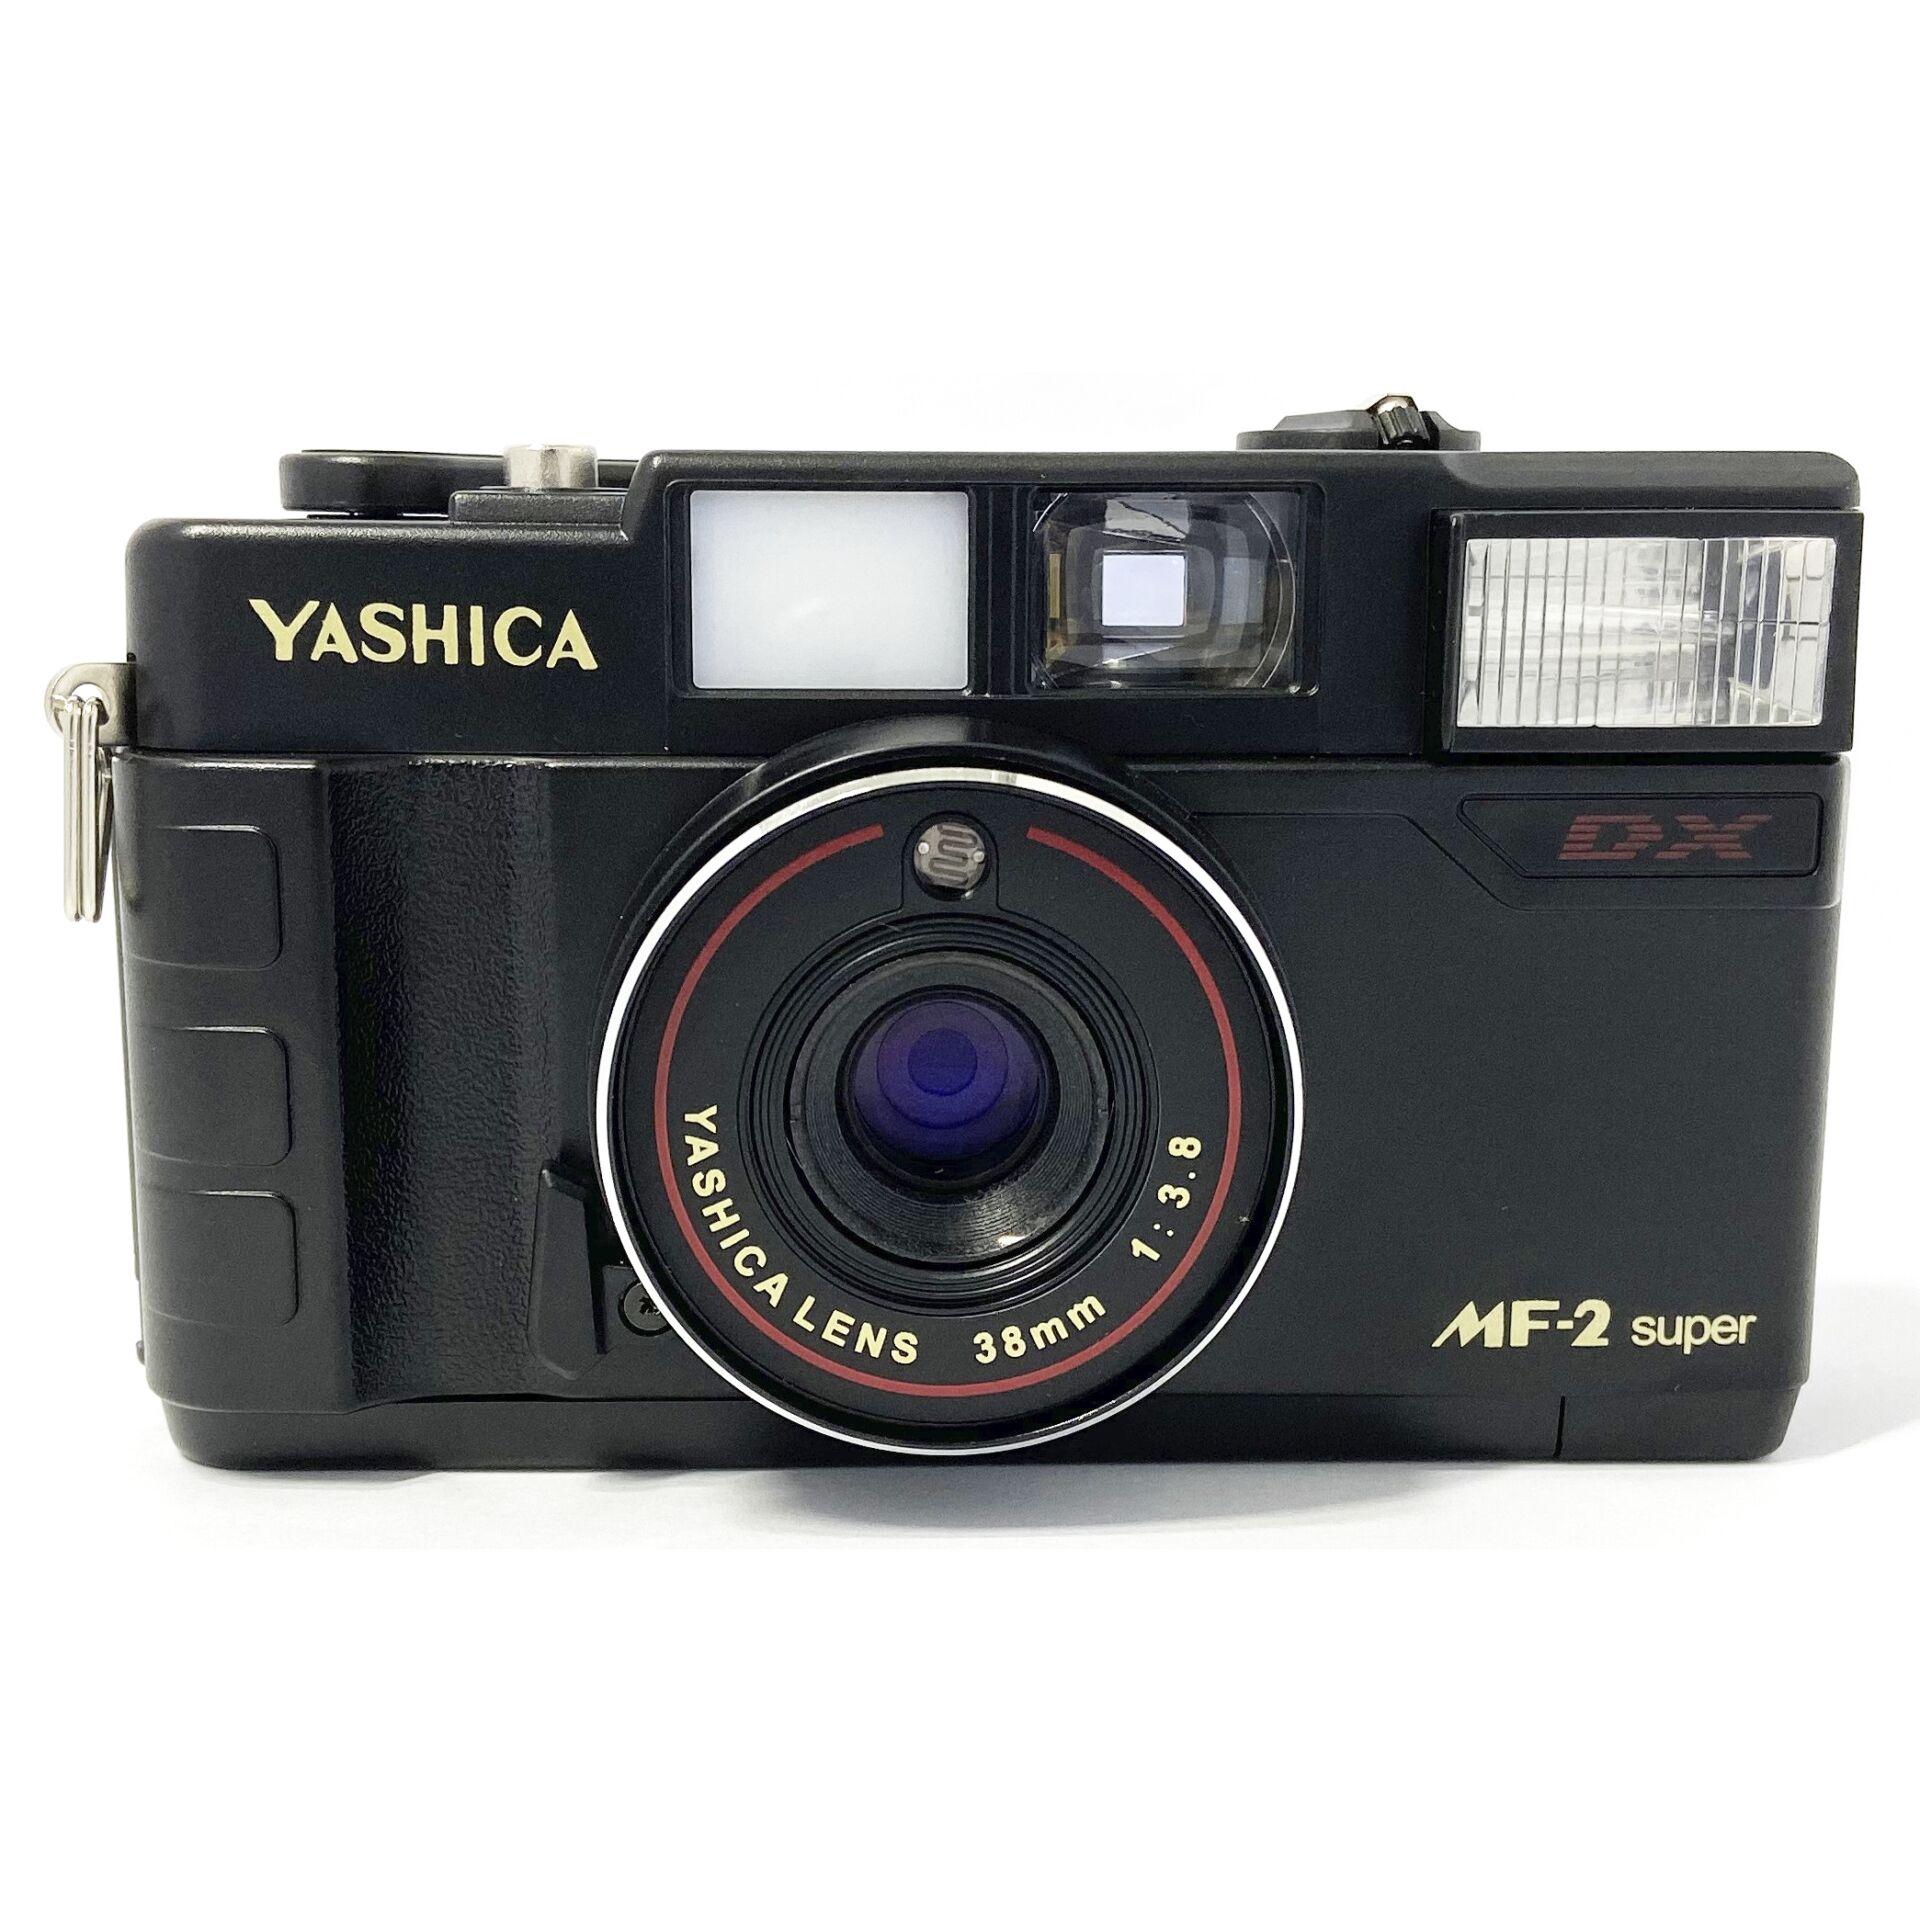 Yashica MF2 super Set mit Film, Batterie und Tasche